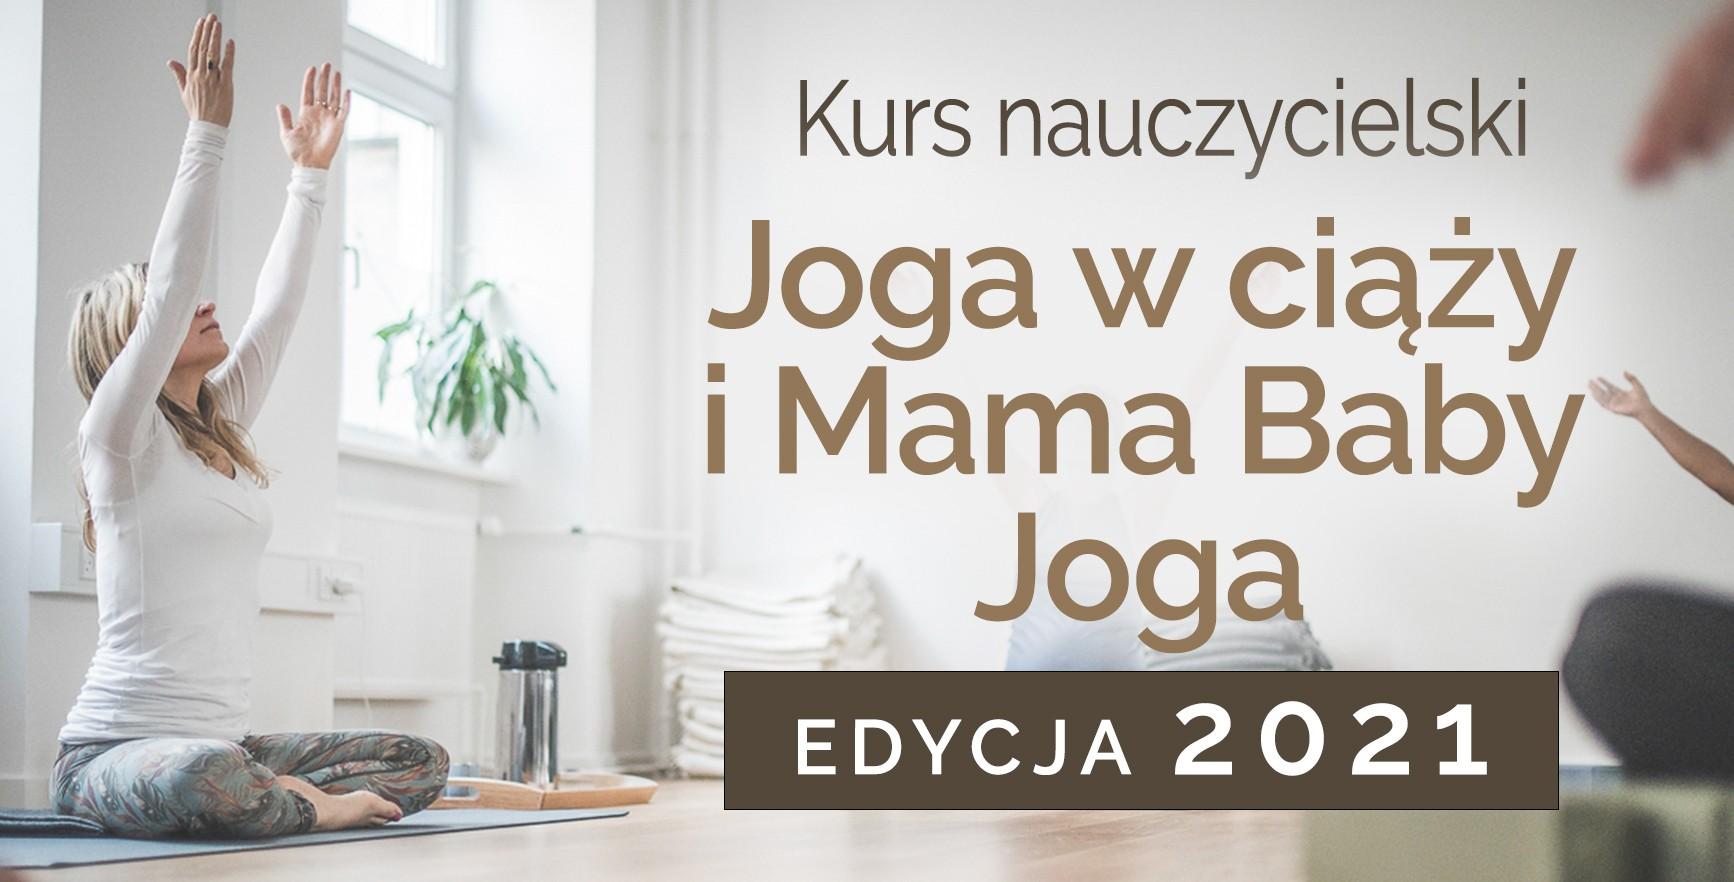 Kurs Nauczycielski Jogi - Joga w ciazy 2021